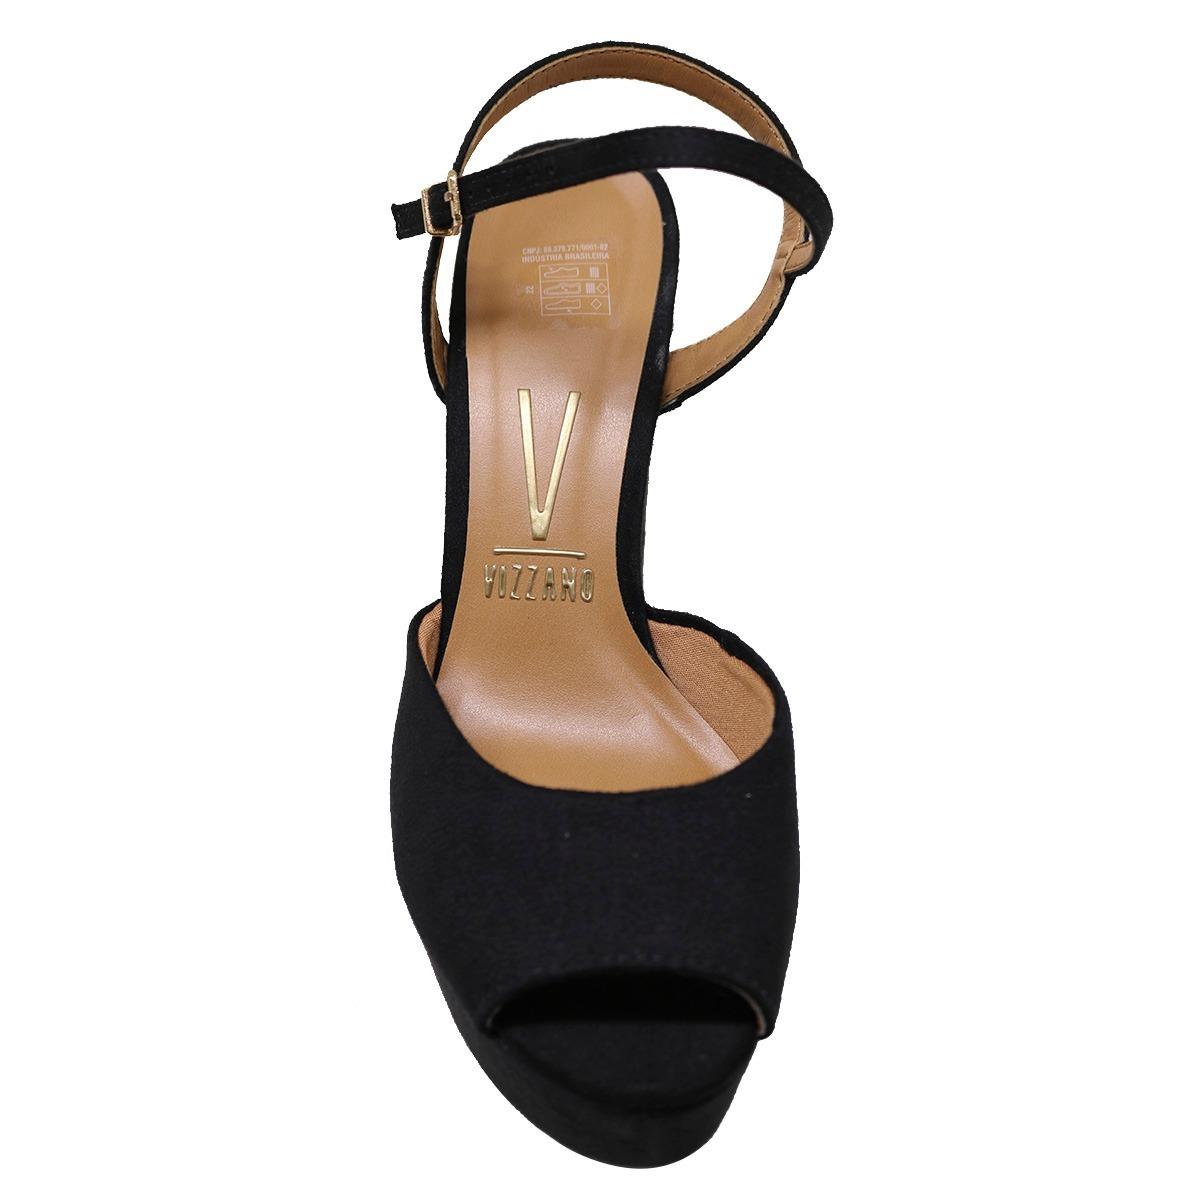 577cee420 sandália feminina salto grosso verão meia pata vizzano 6282. Carregando  zoom.